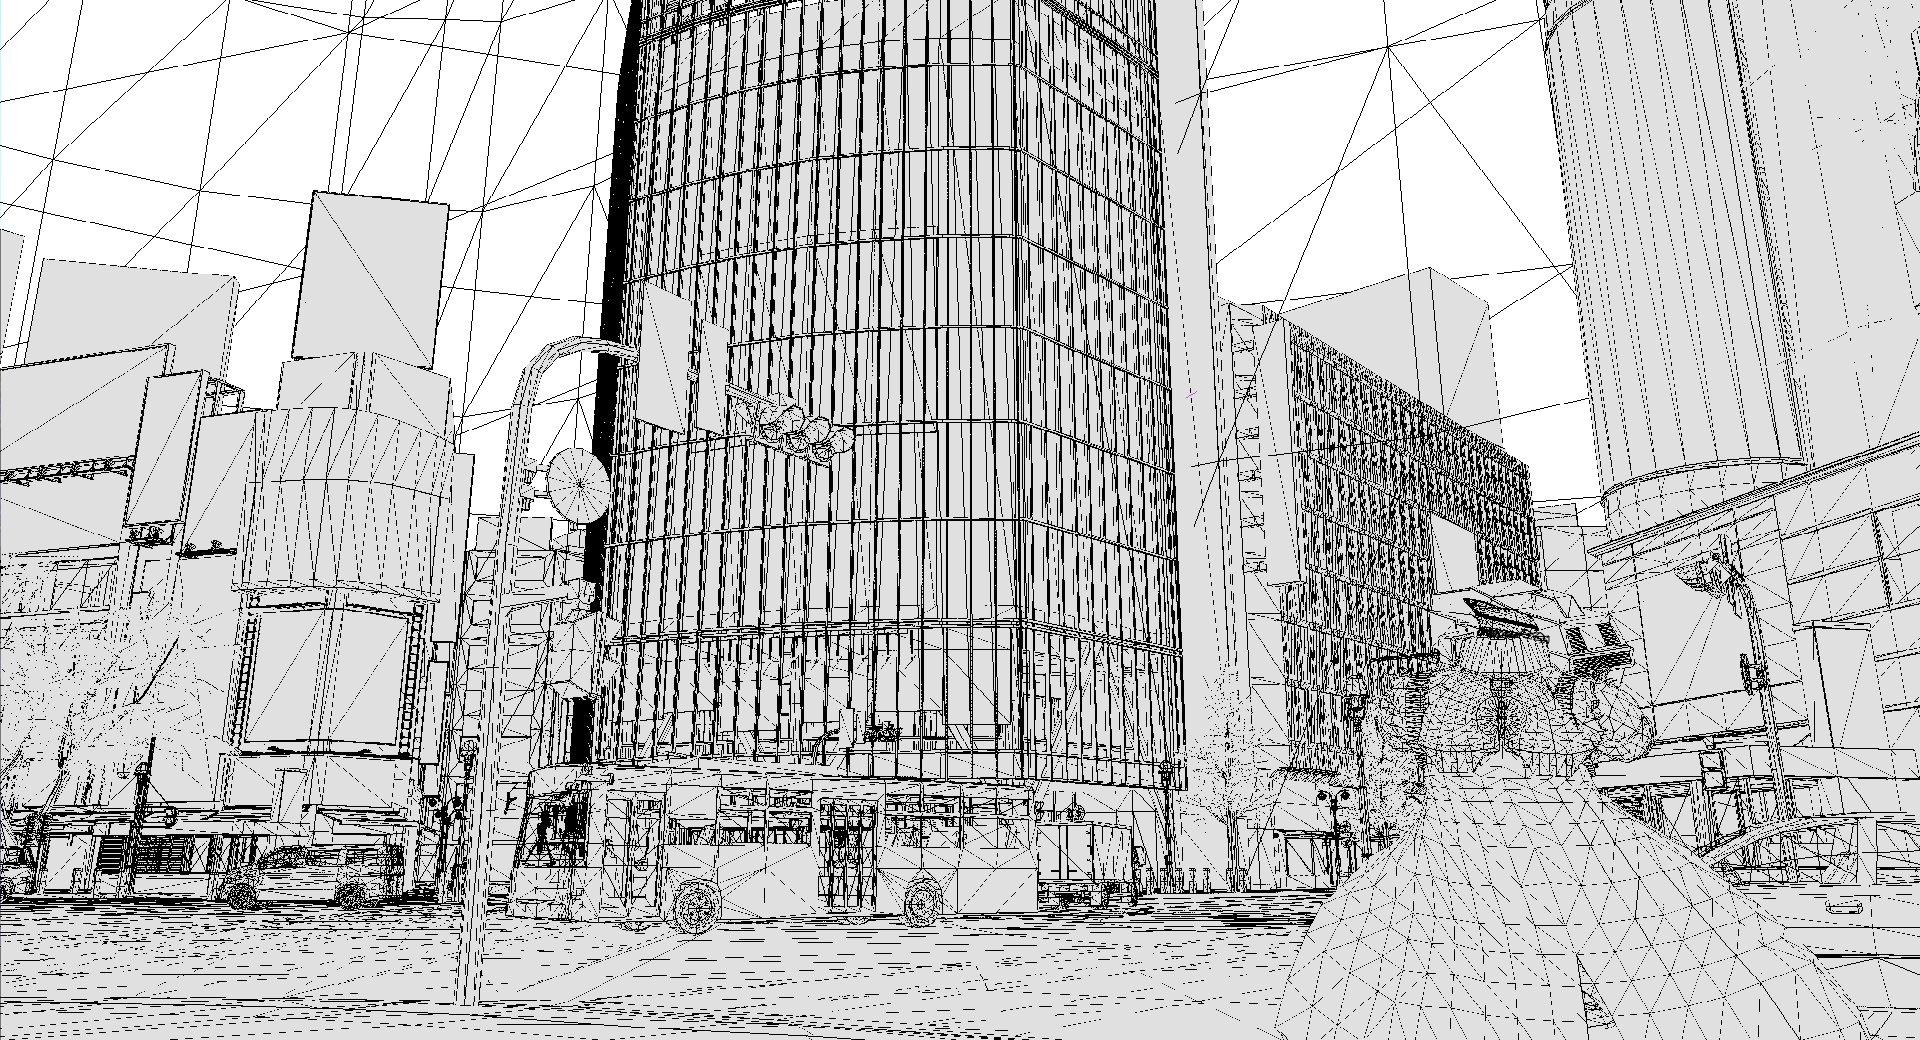 東京 モーション 破壊